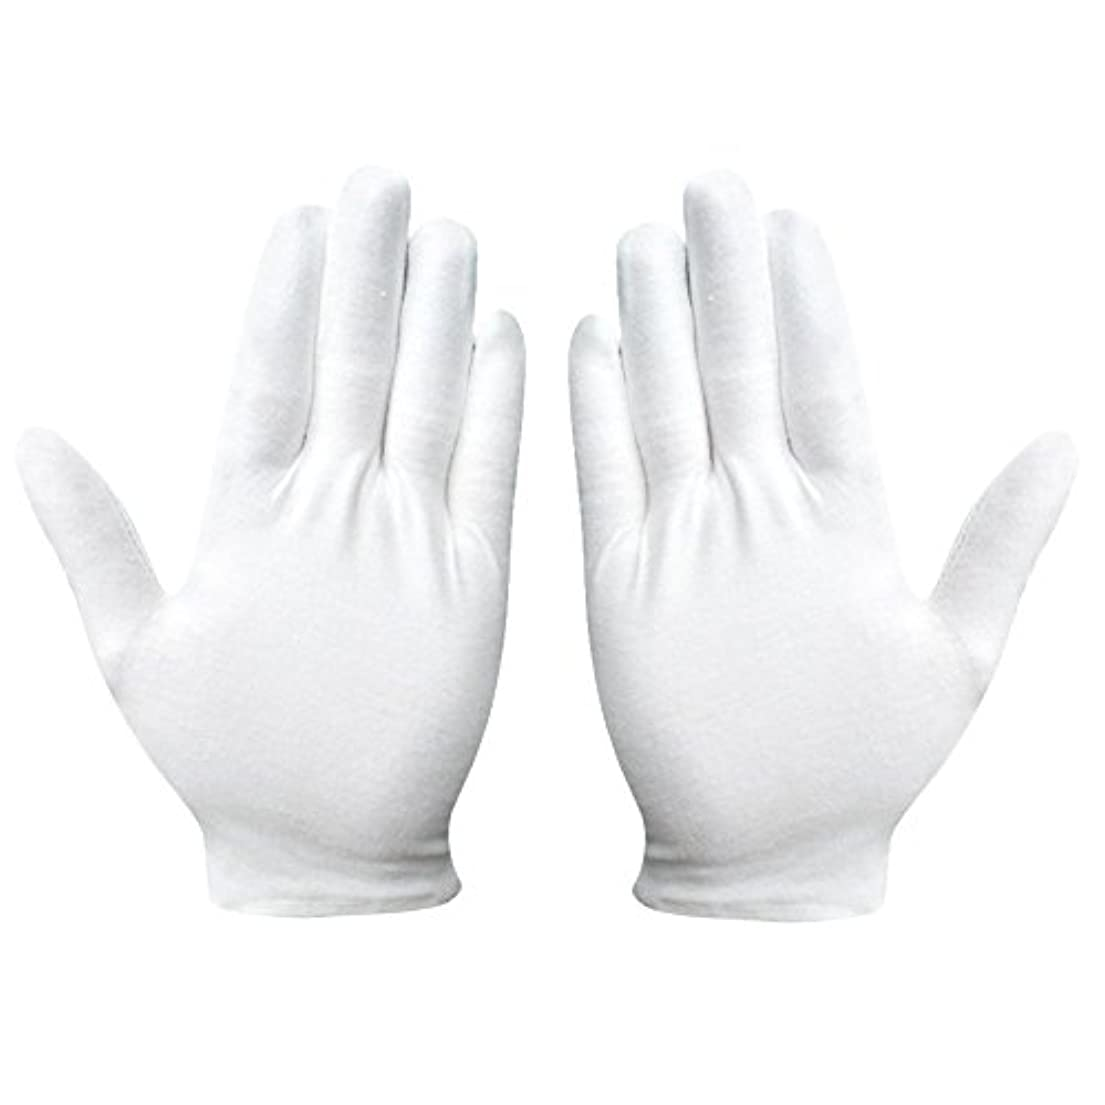 抹消蚊兵隊綿手袋 純綿 コットン手袋 白手袋 薄手 通気性 手荒れ予防 【湿疹用 乾燥肌用 保湿用 礼装用】12双組